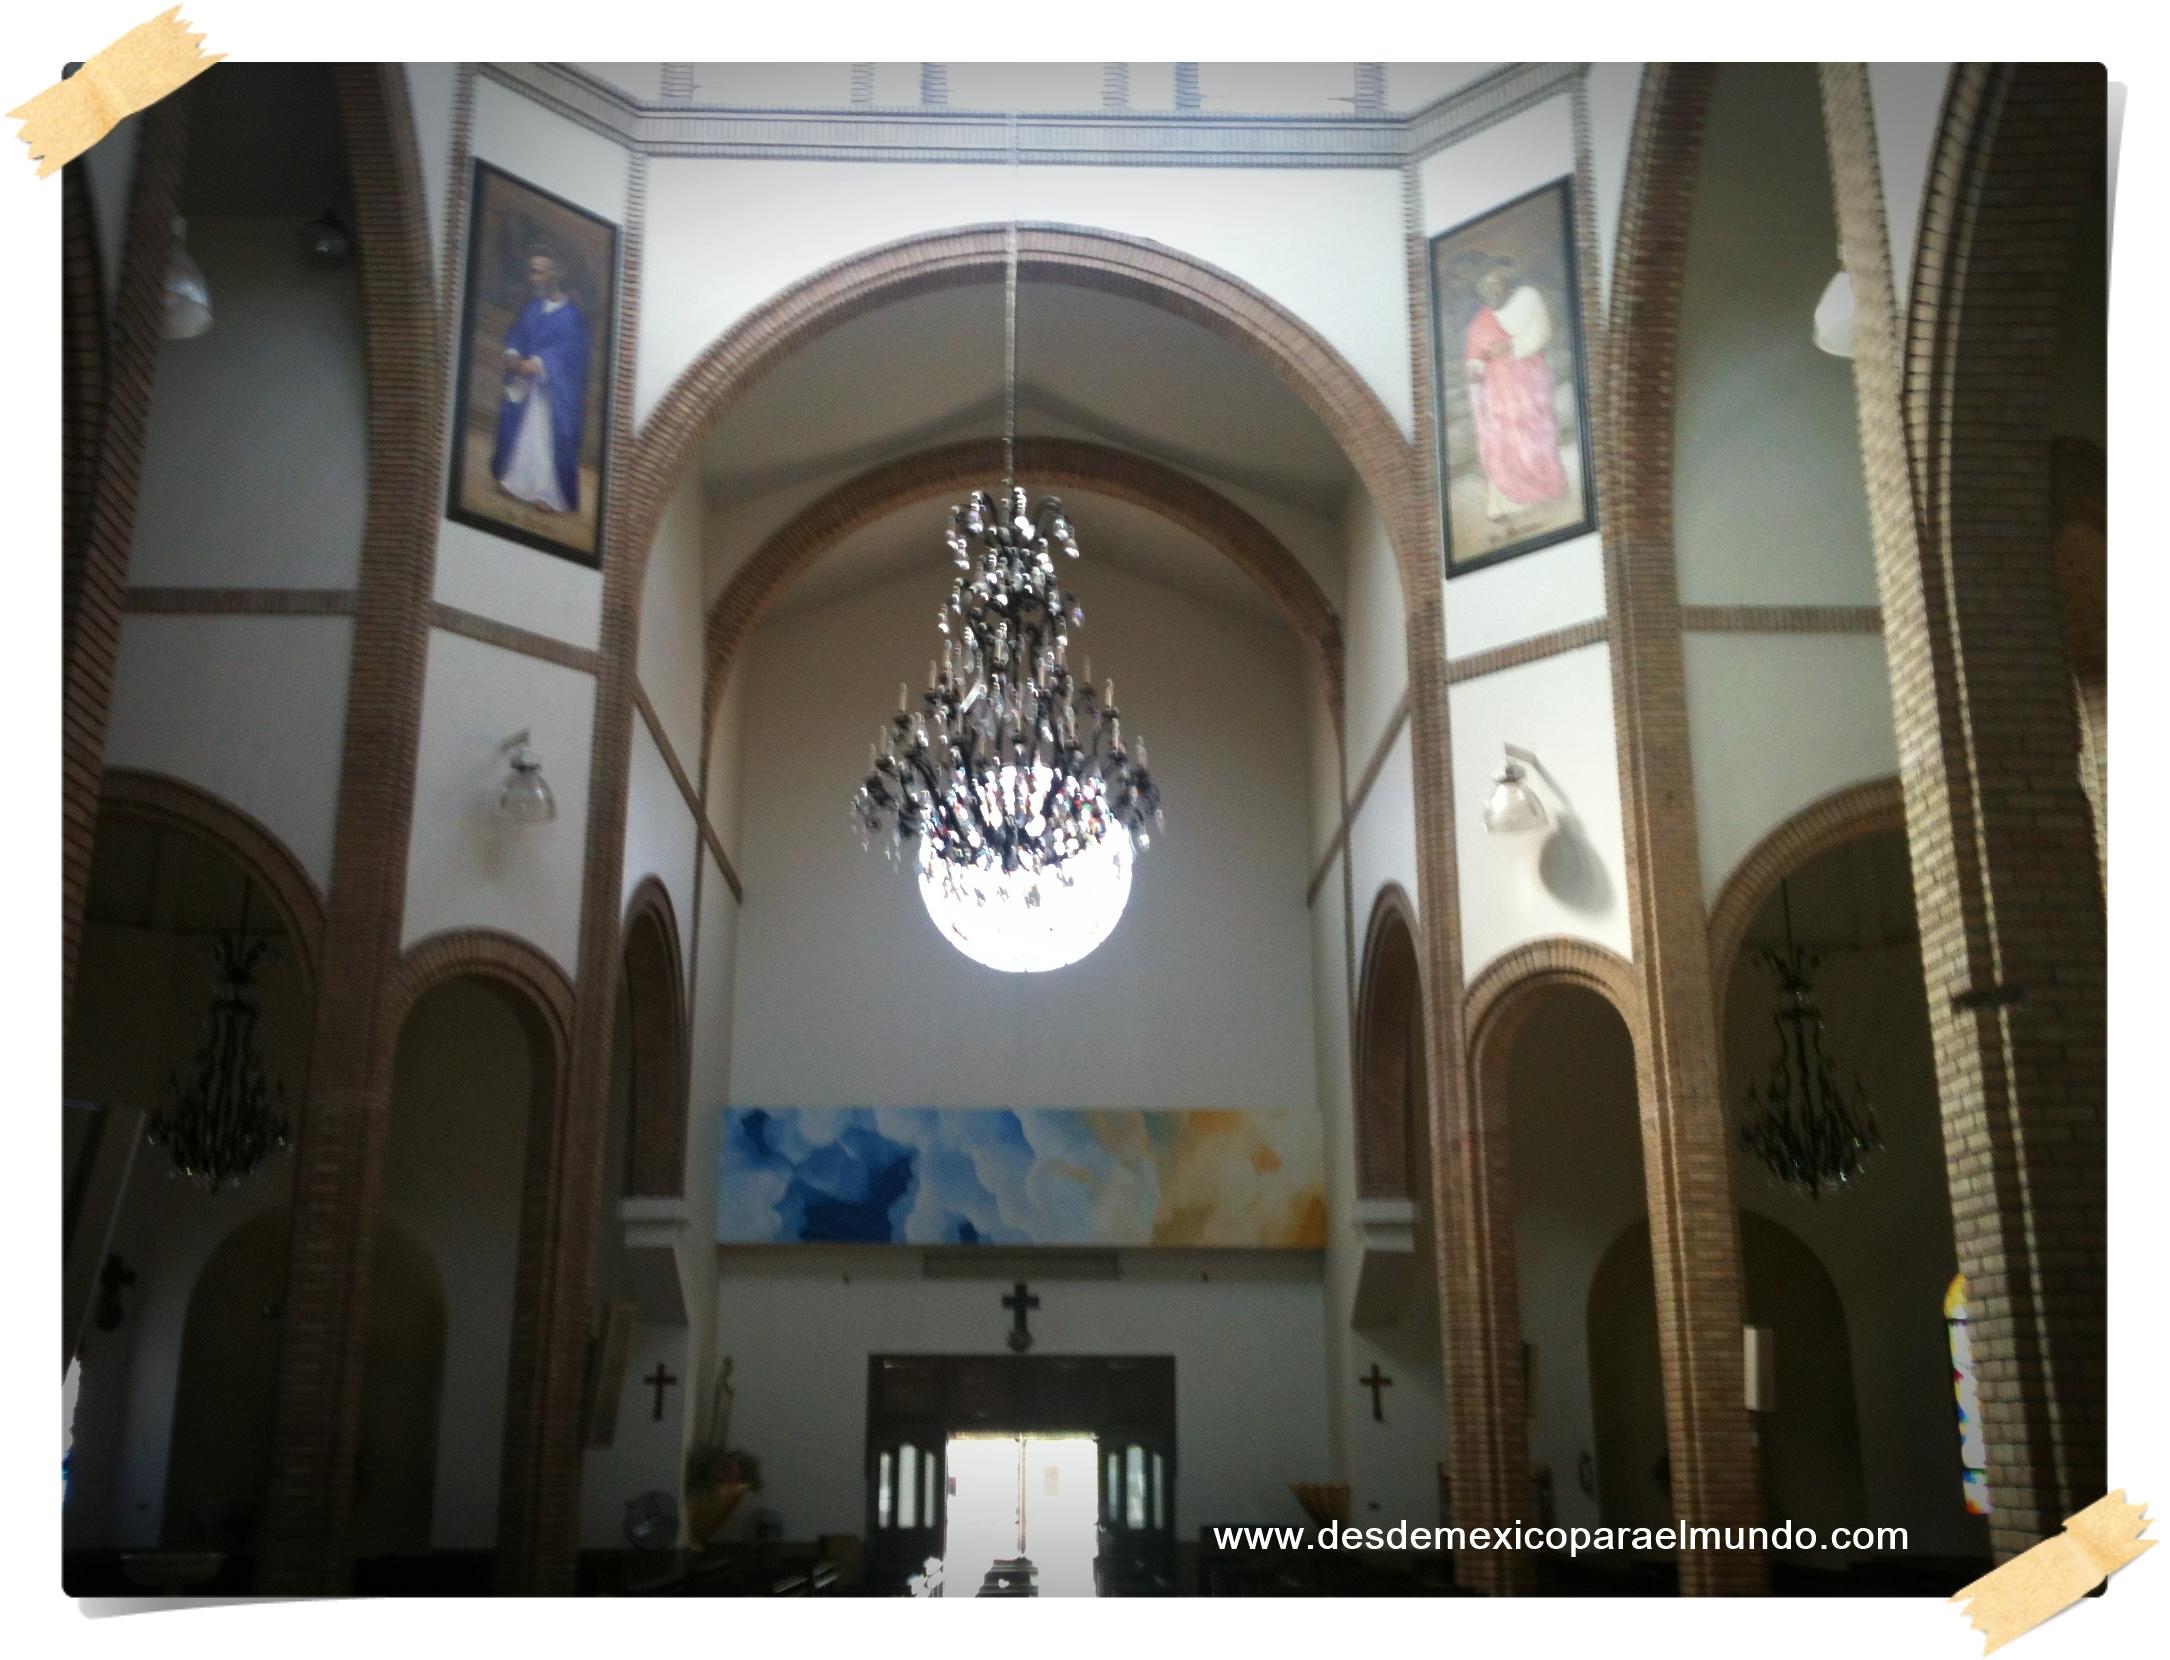 Interior de una iglesia en Allende, Nuevo León.